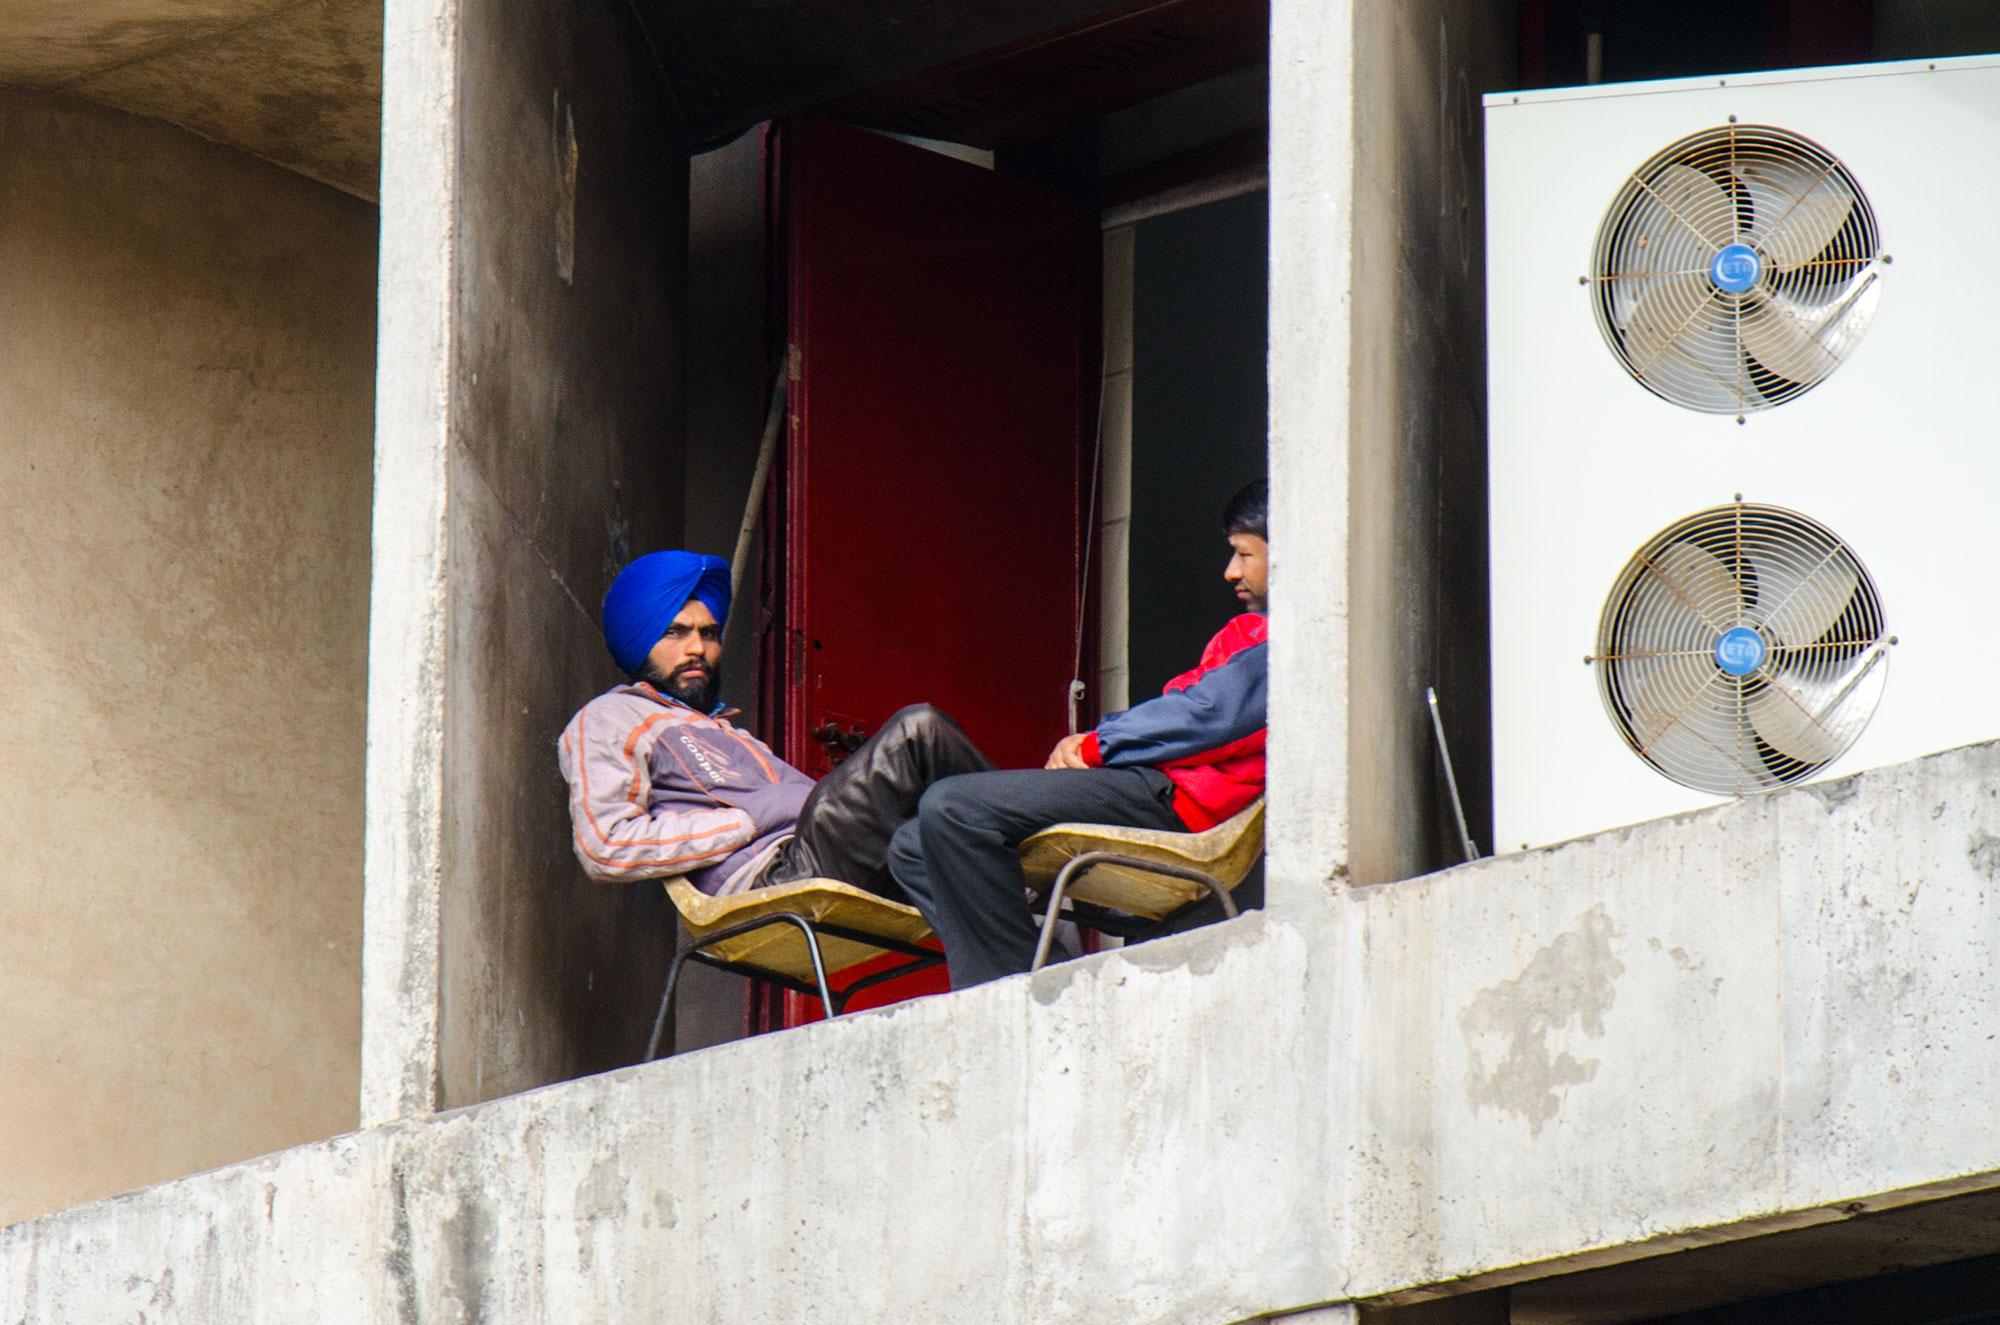 Haryana Civil Sectretariat, Chandigarh, Indien. Foto: Matthieu Götz